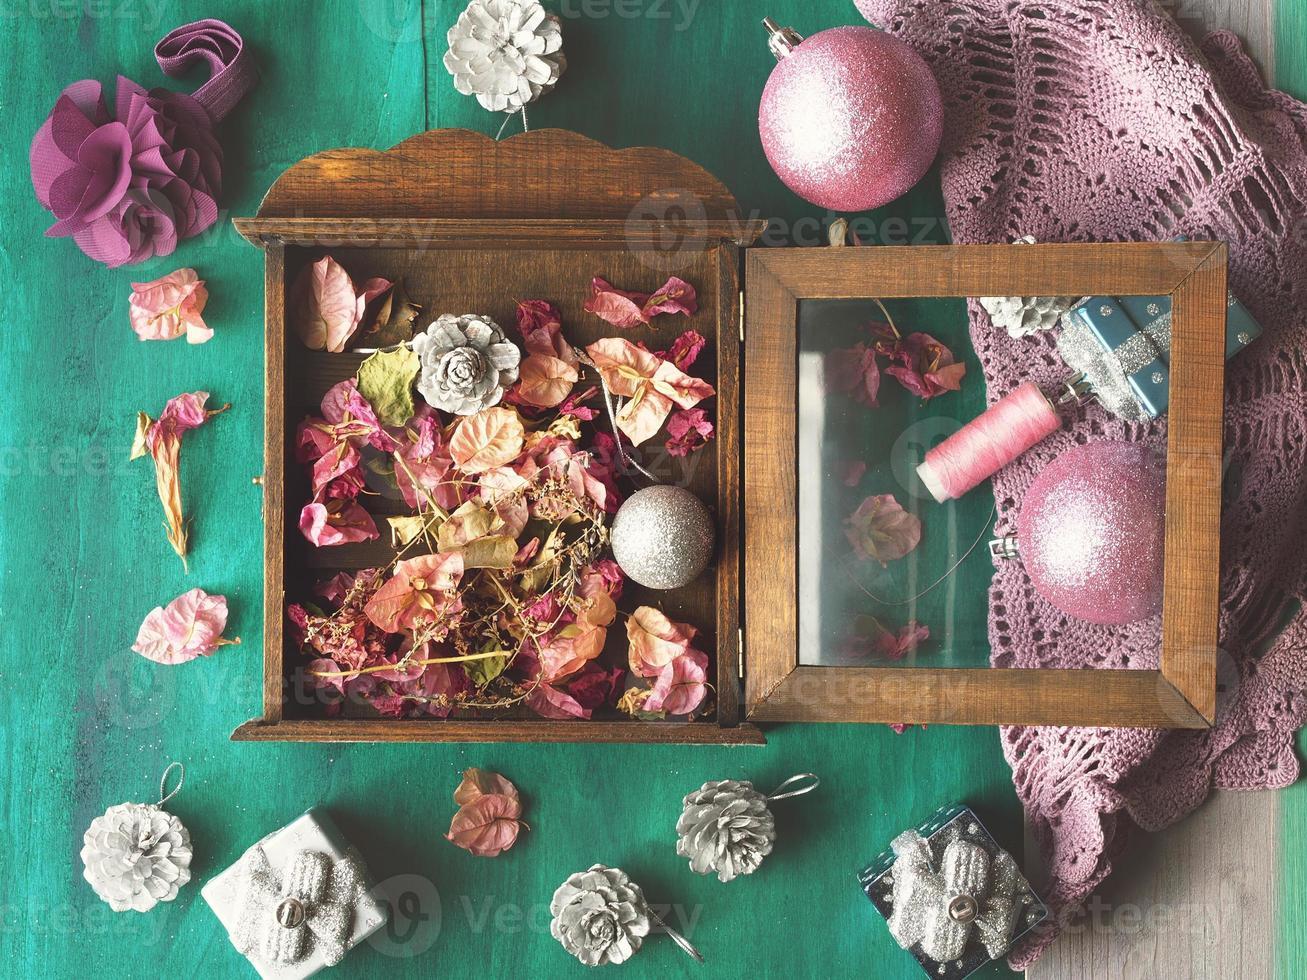 Natale natura morta con fiori e decorazioni su verde foto